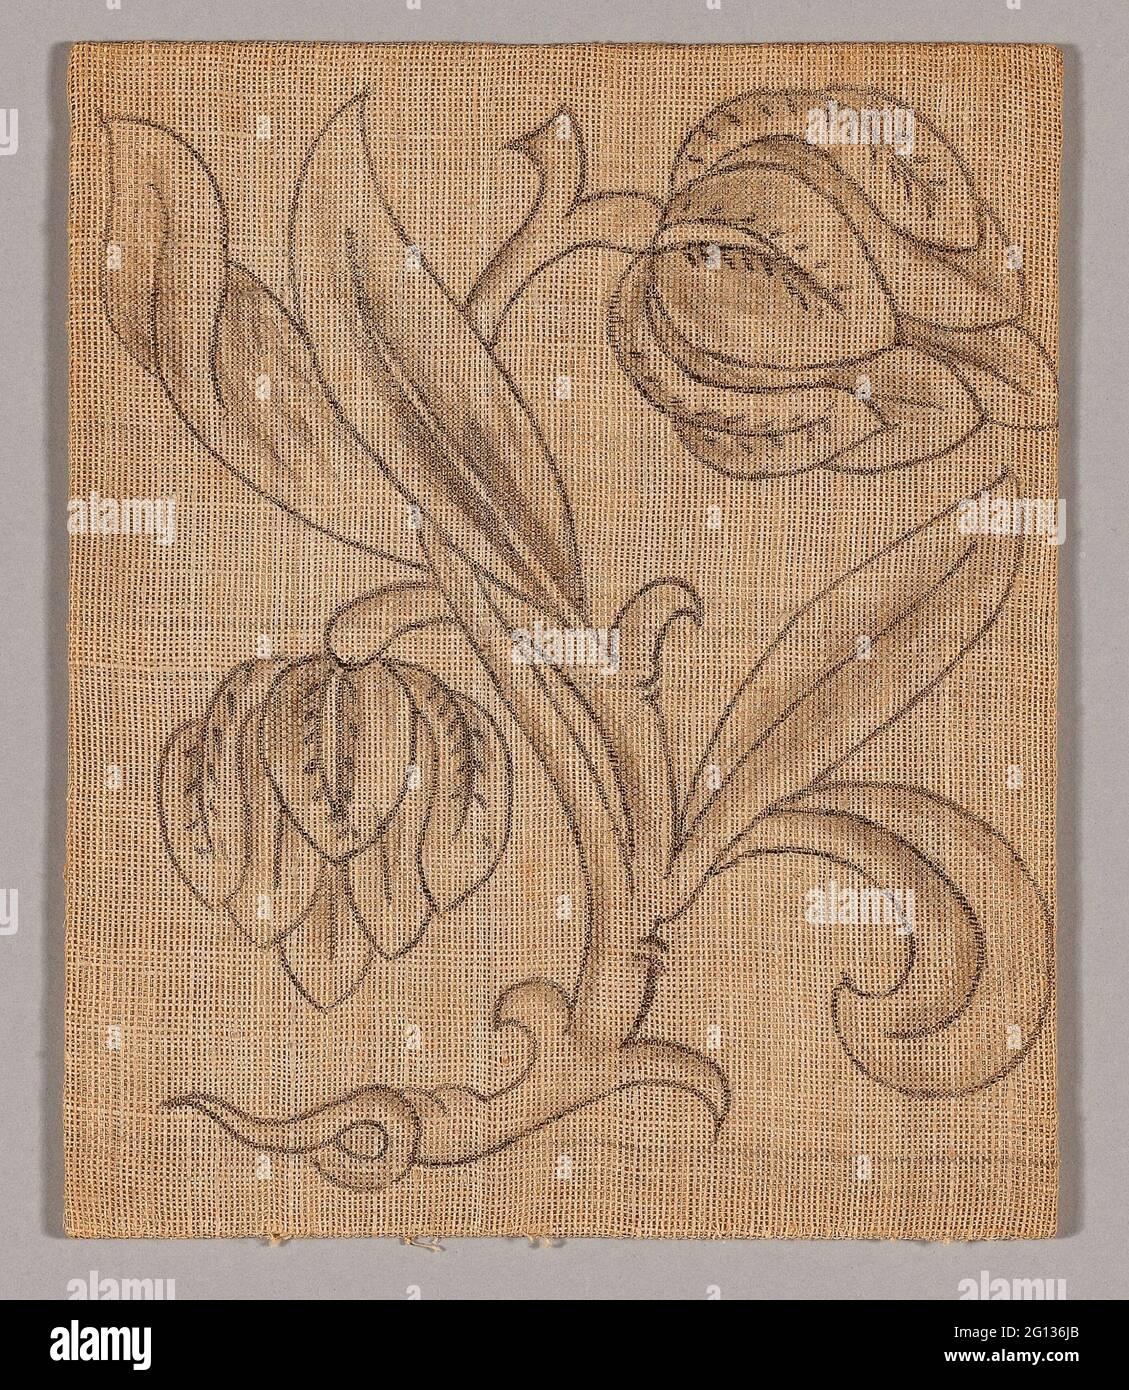 Slip (Unfinished) - 17ème siècle - Angleterre. Lin, tissé Uni; dessin en graphite. 1601 - 1700. Banque D'Images